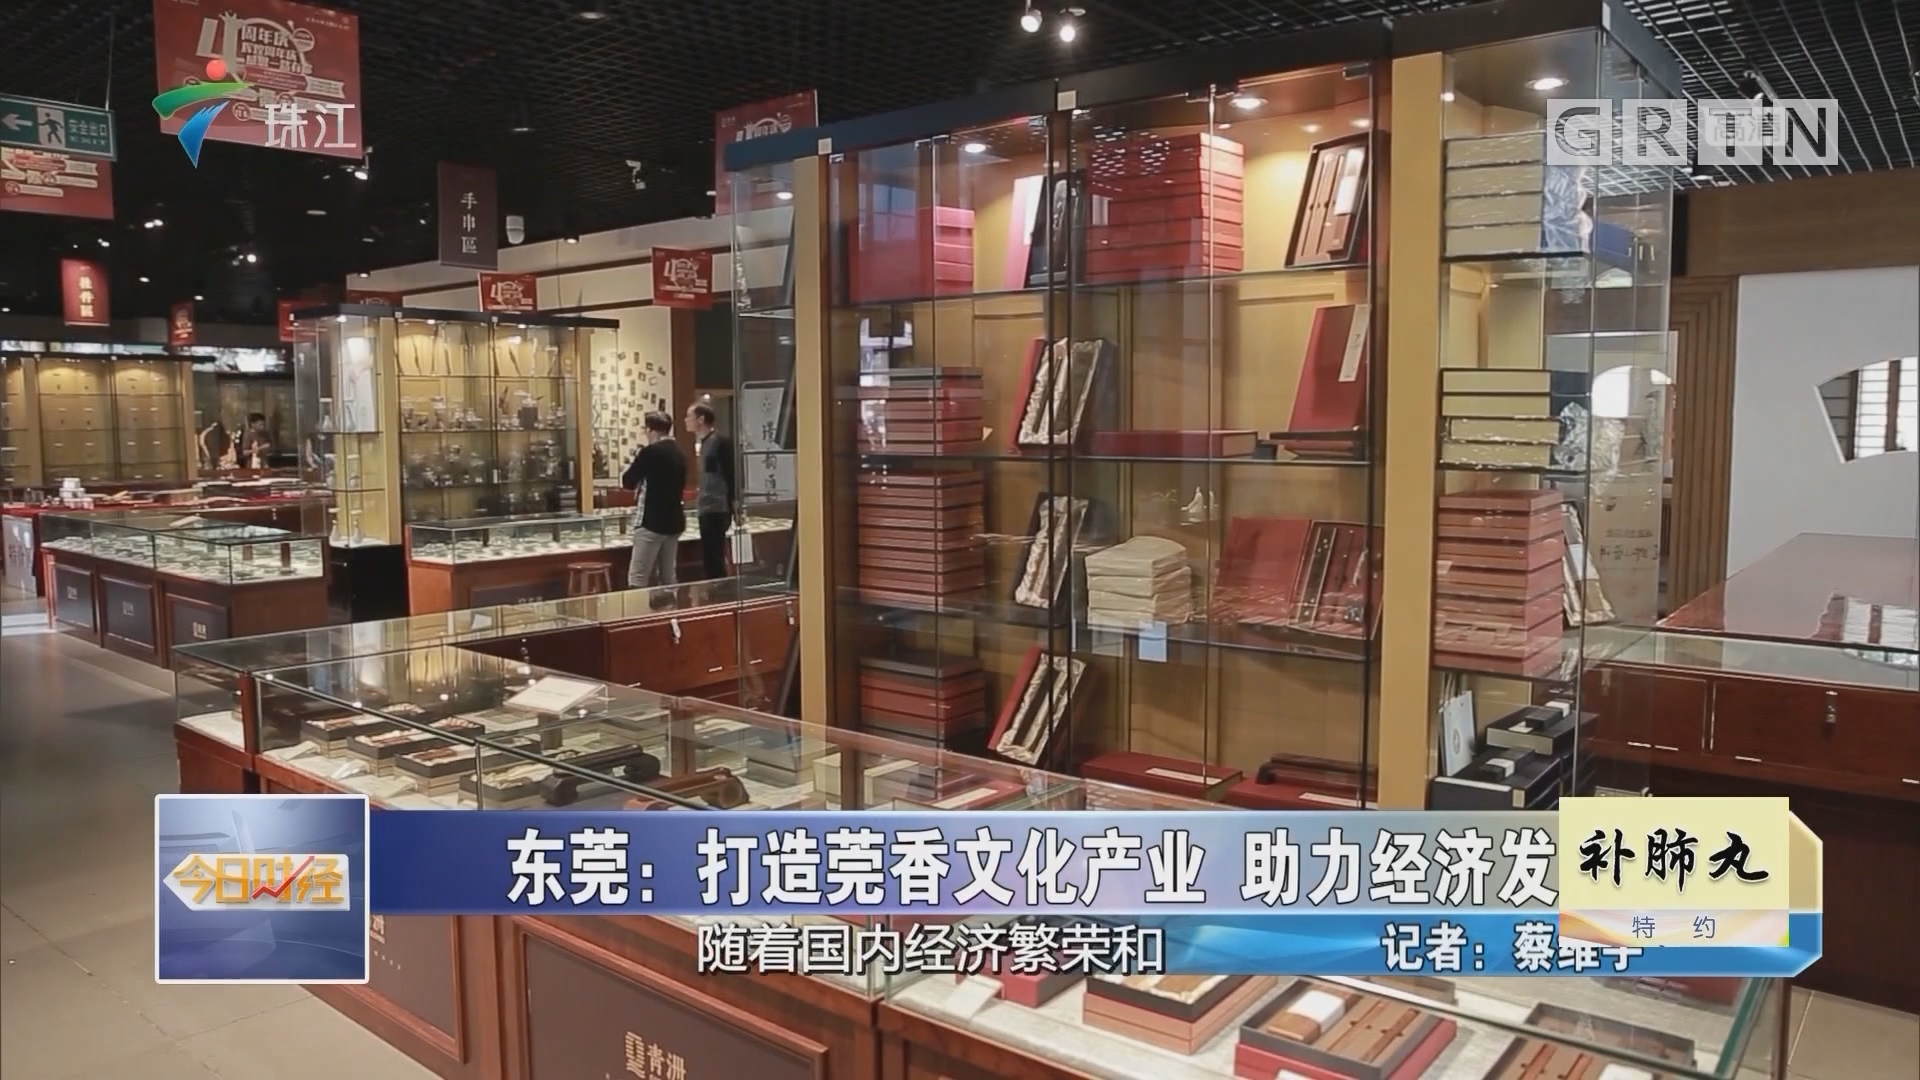 东莞:打造莞香文化产业 助力经济发展